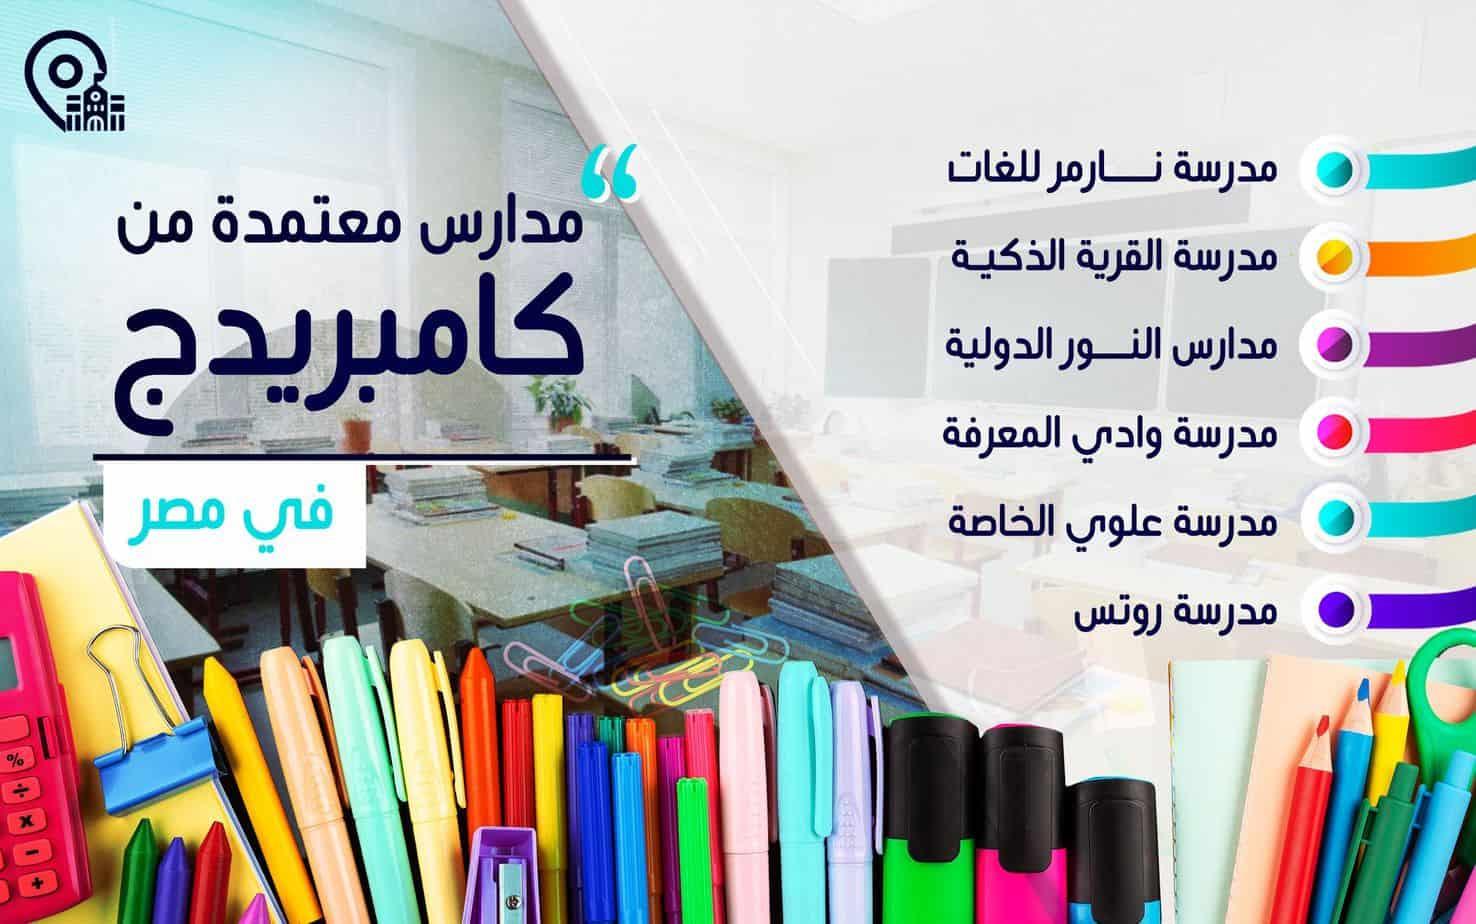 المدارس المعتمدة من كامبريدج في مصر